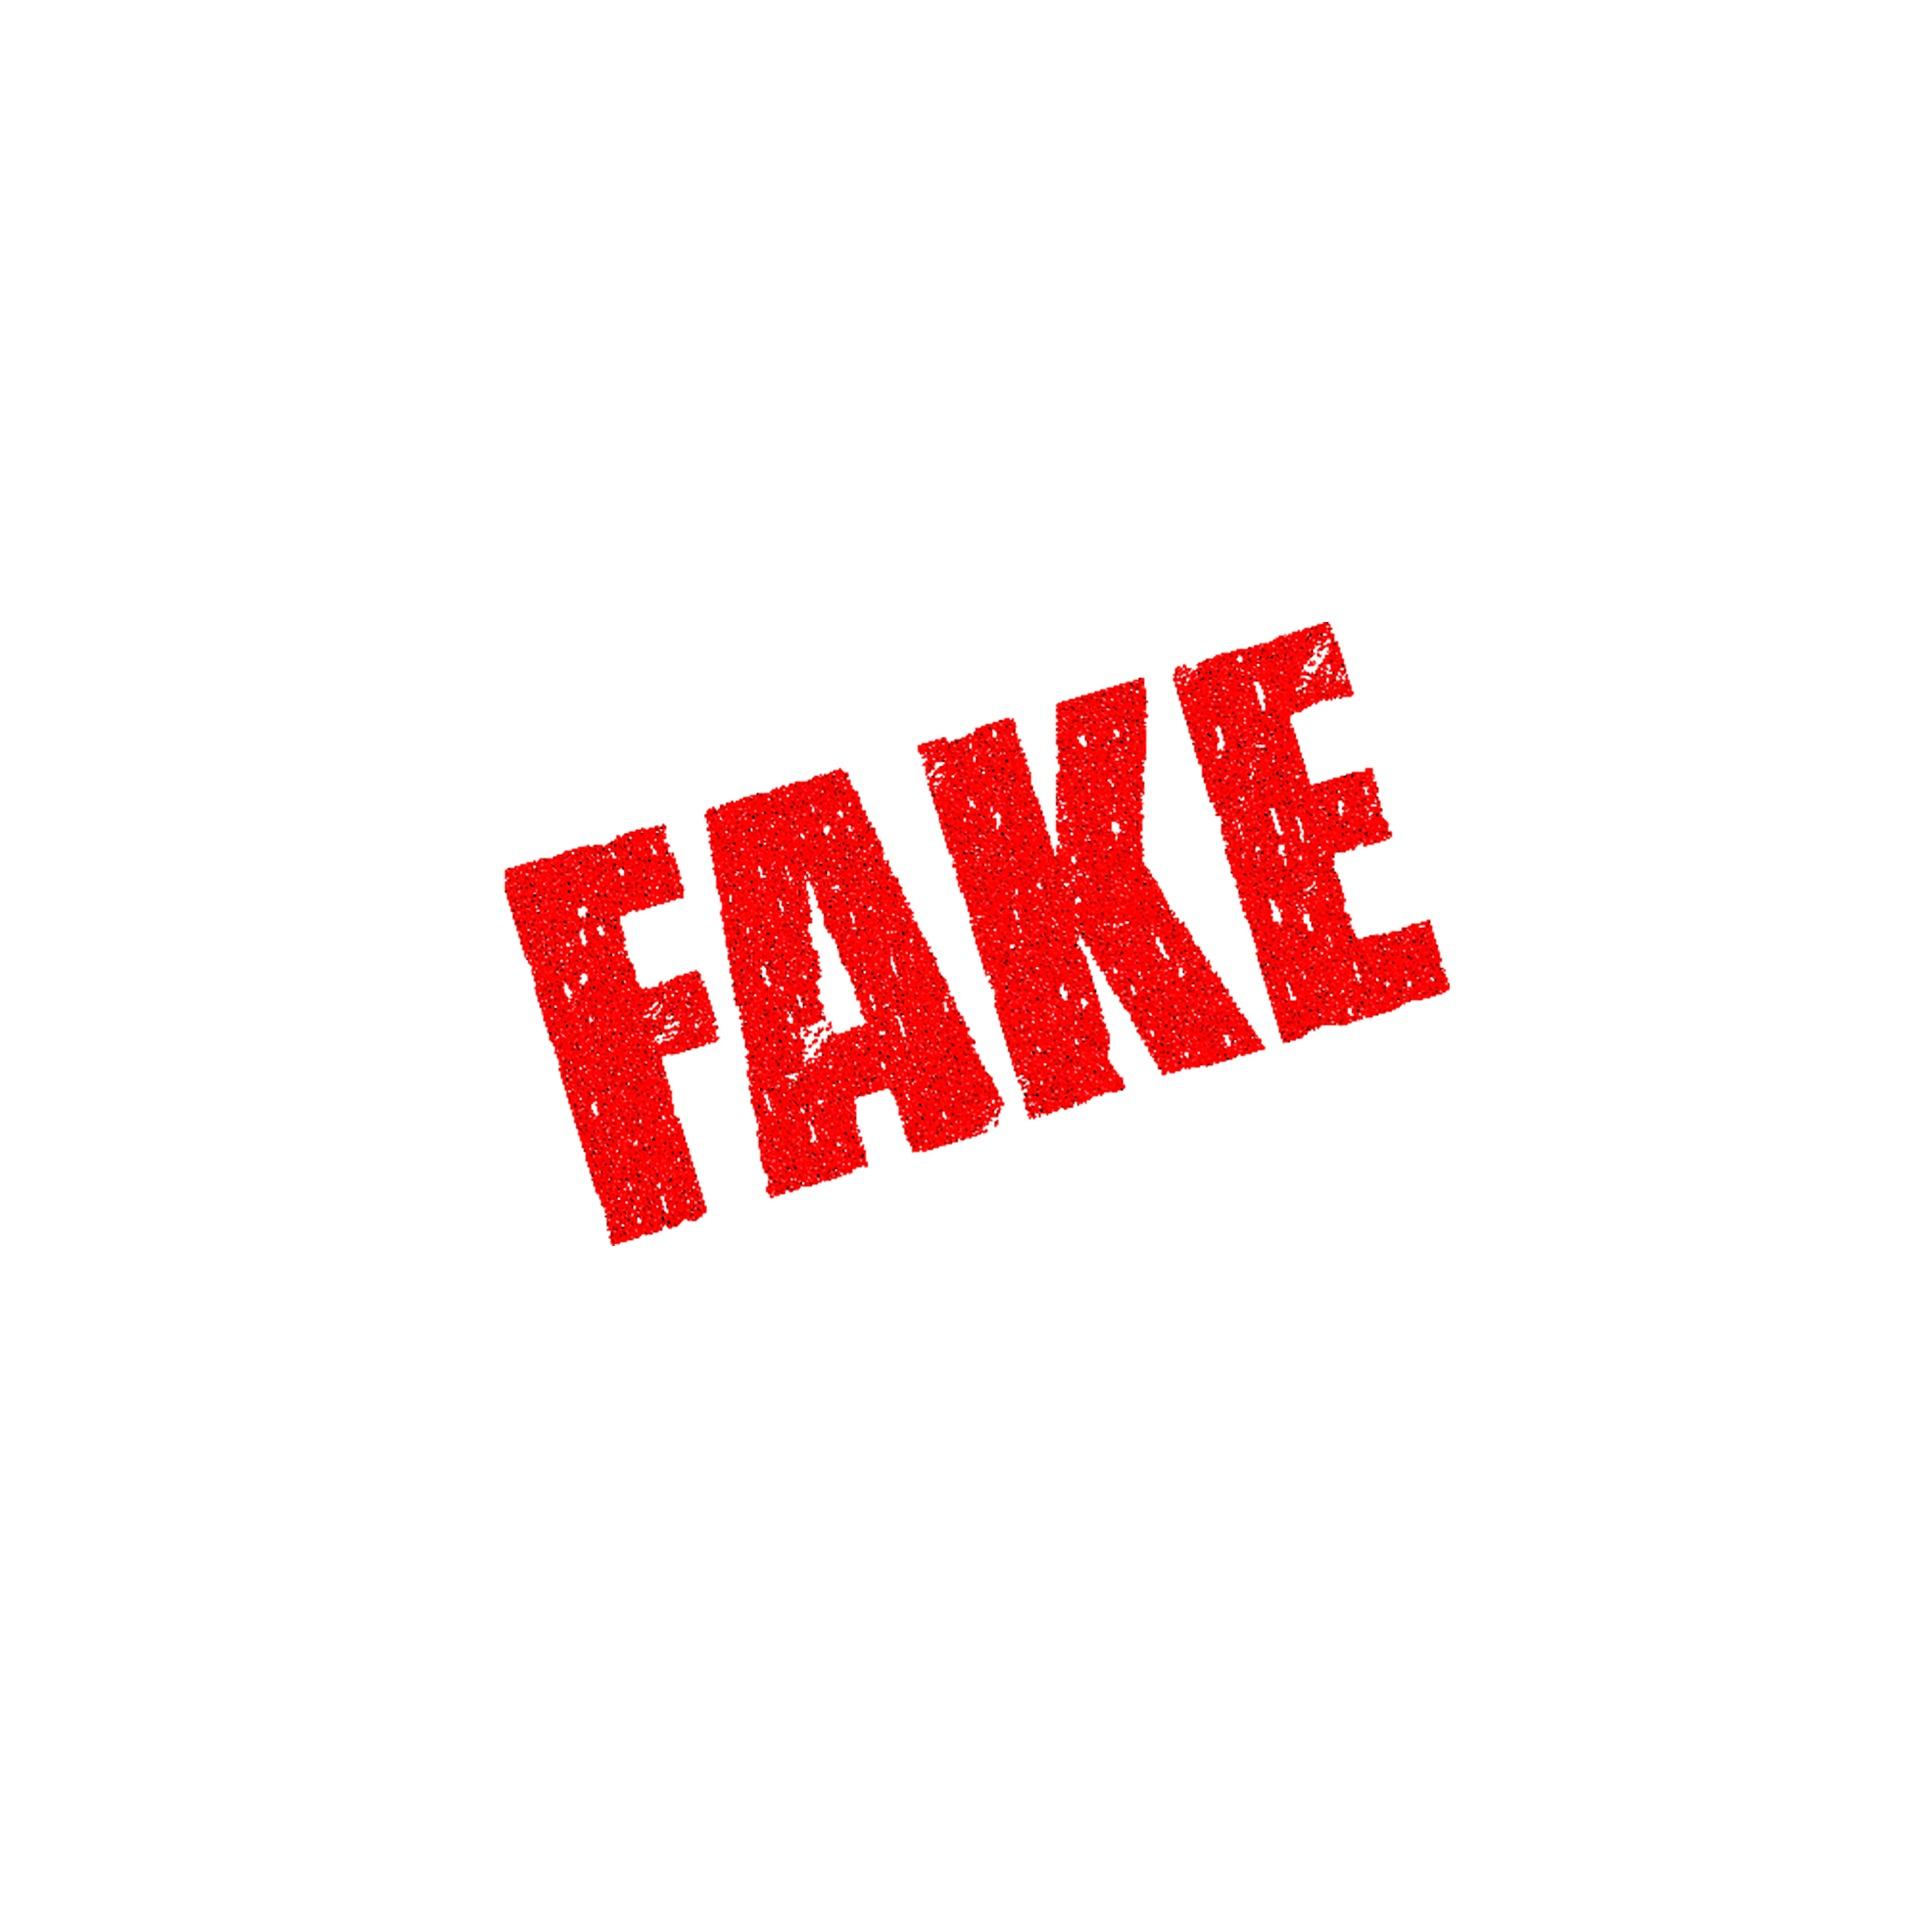 Comment repérer les faux comptes sans avoir accès aux photos